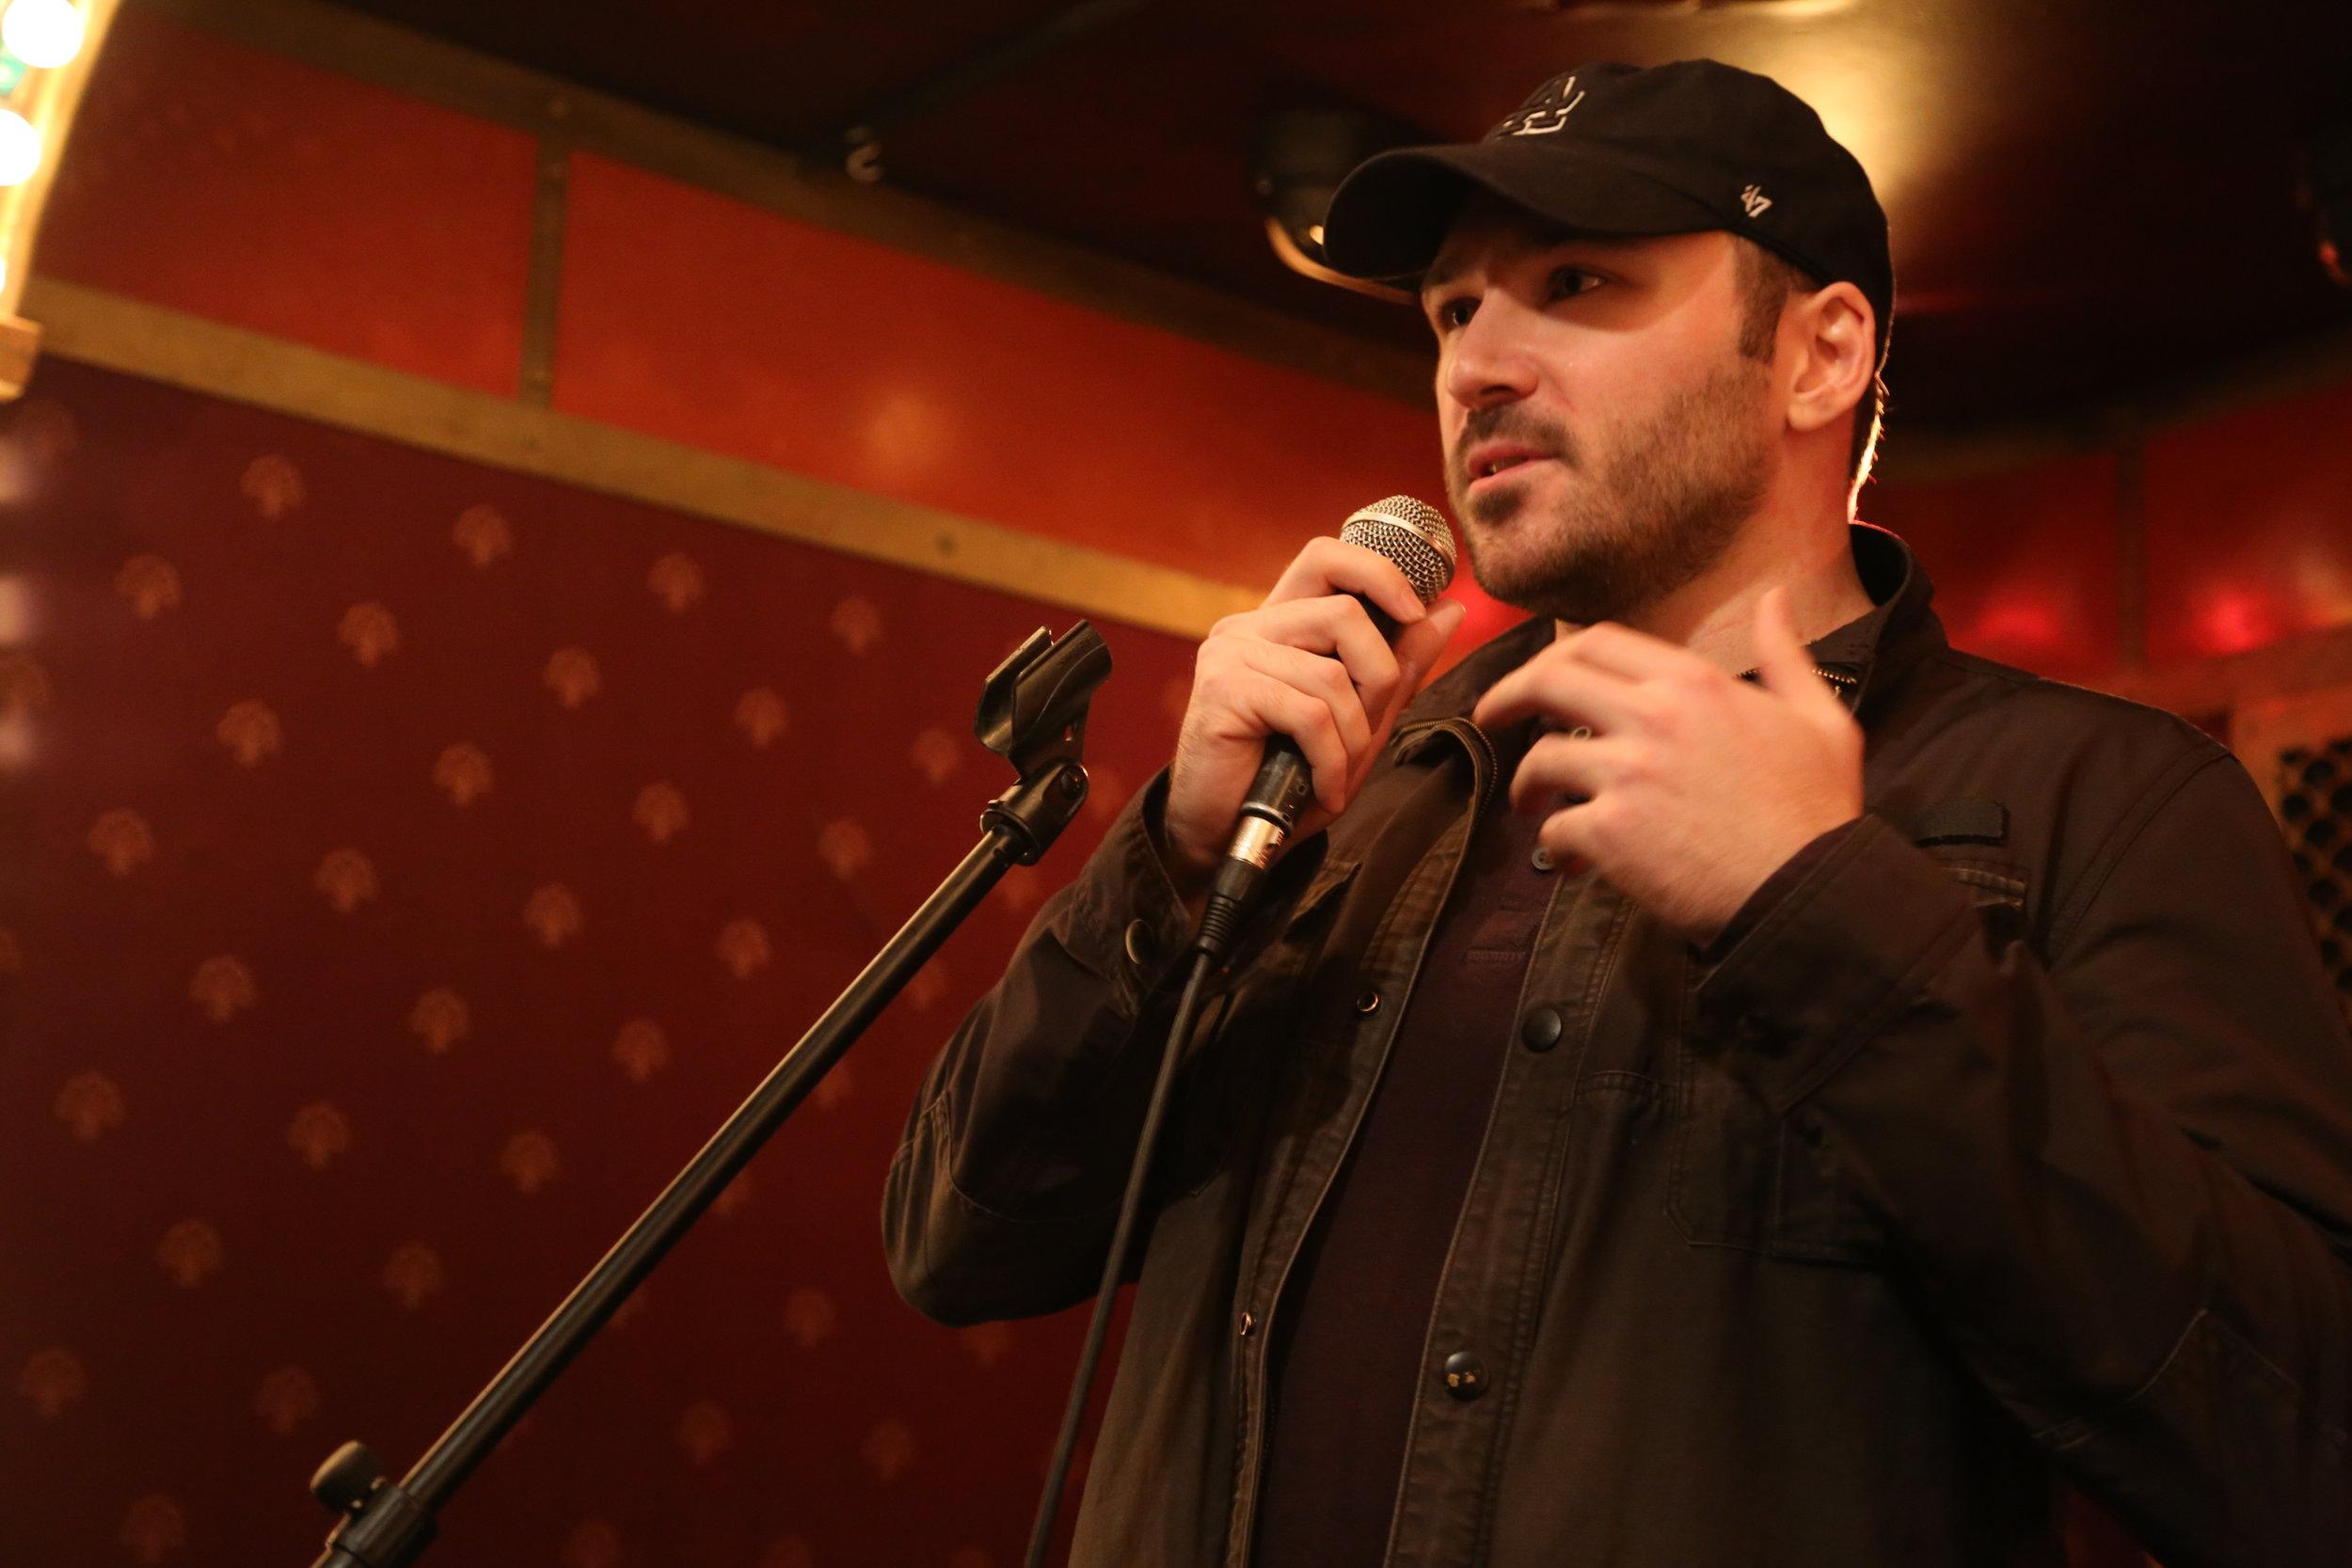 Ryan Loren, Dec. '16